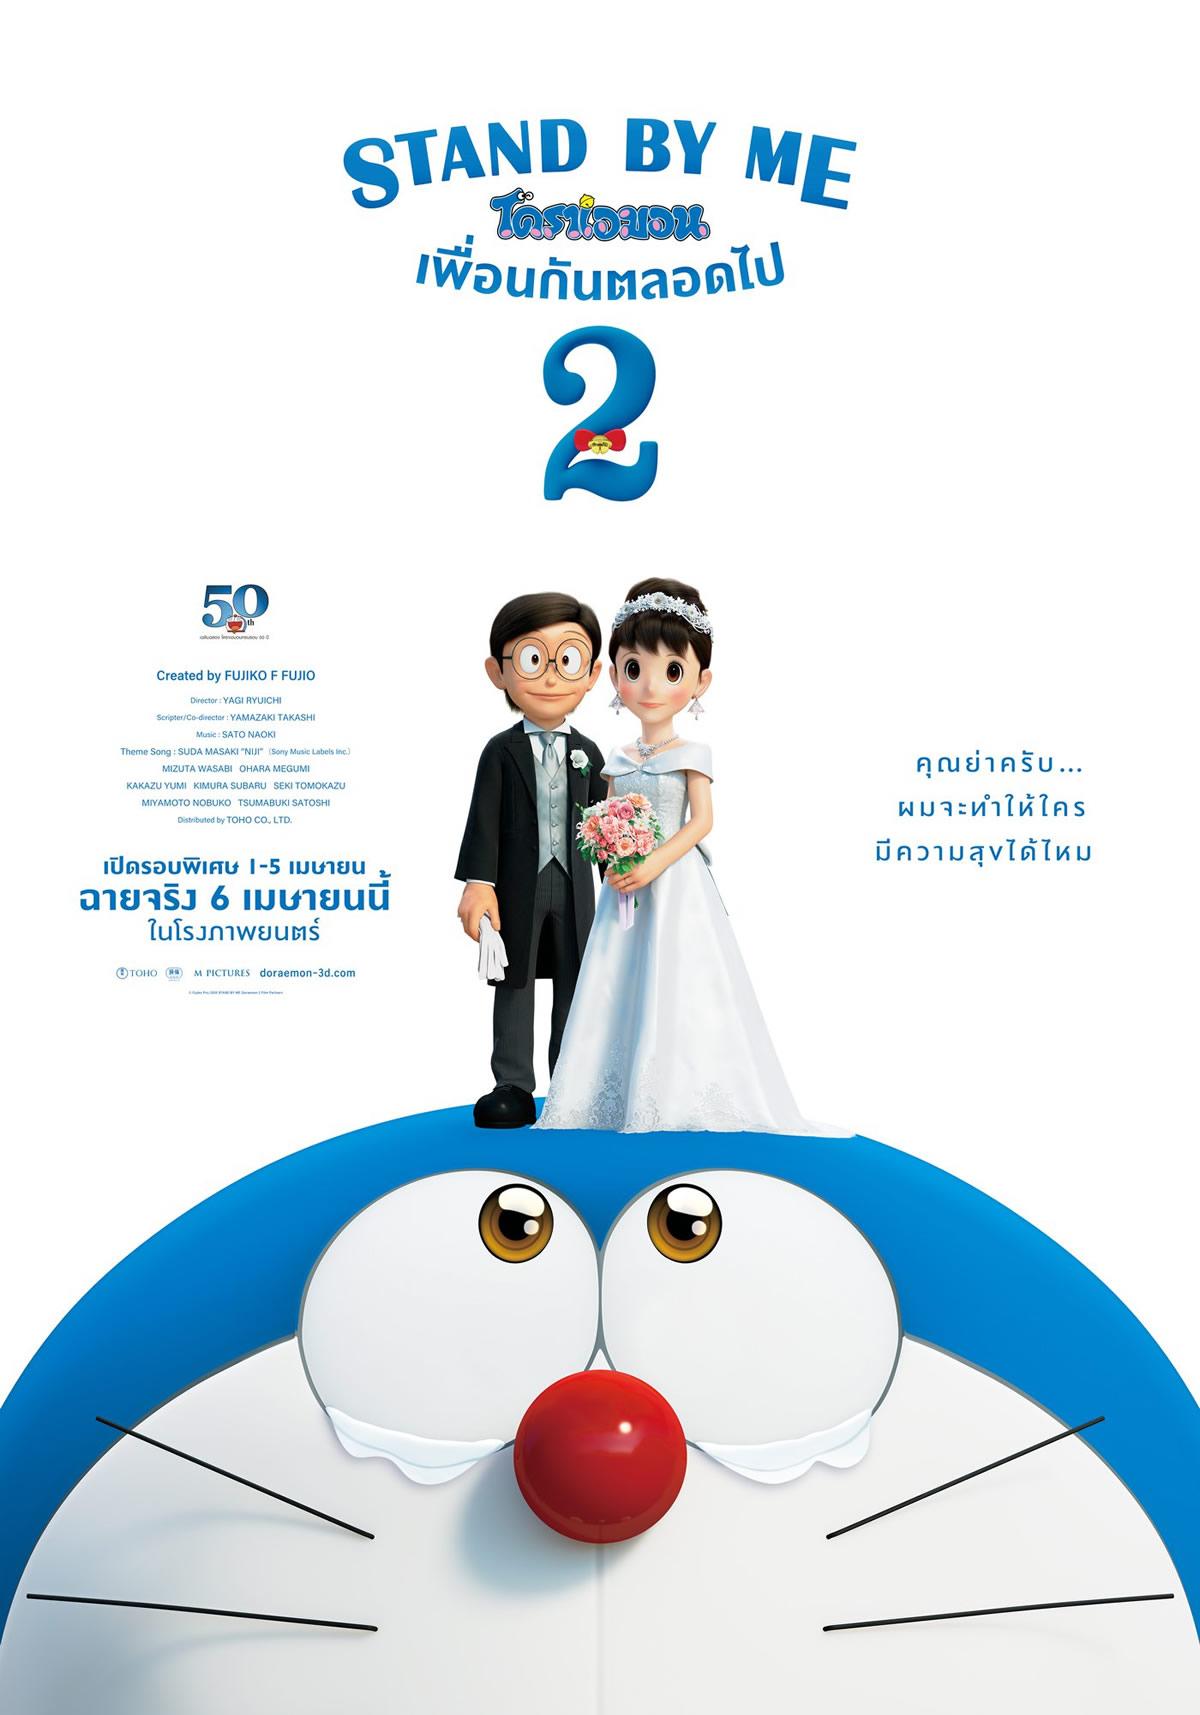 映画「STAND BY MEドラえもん 2」タイで2021年4月6日より劇場公開